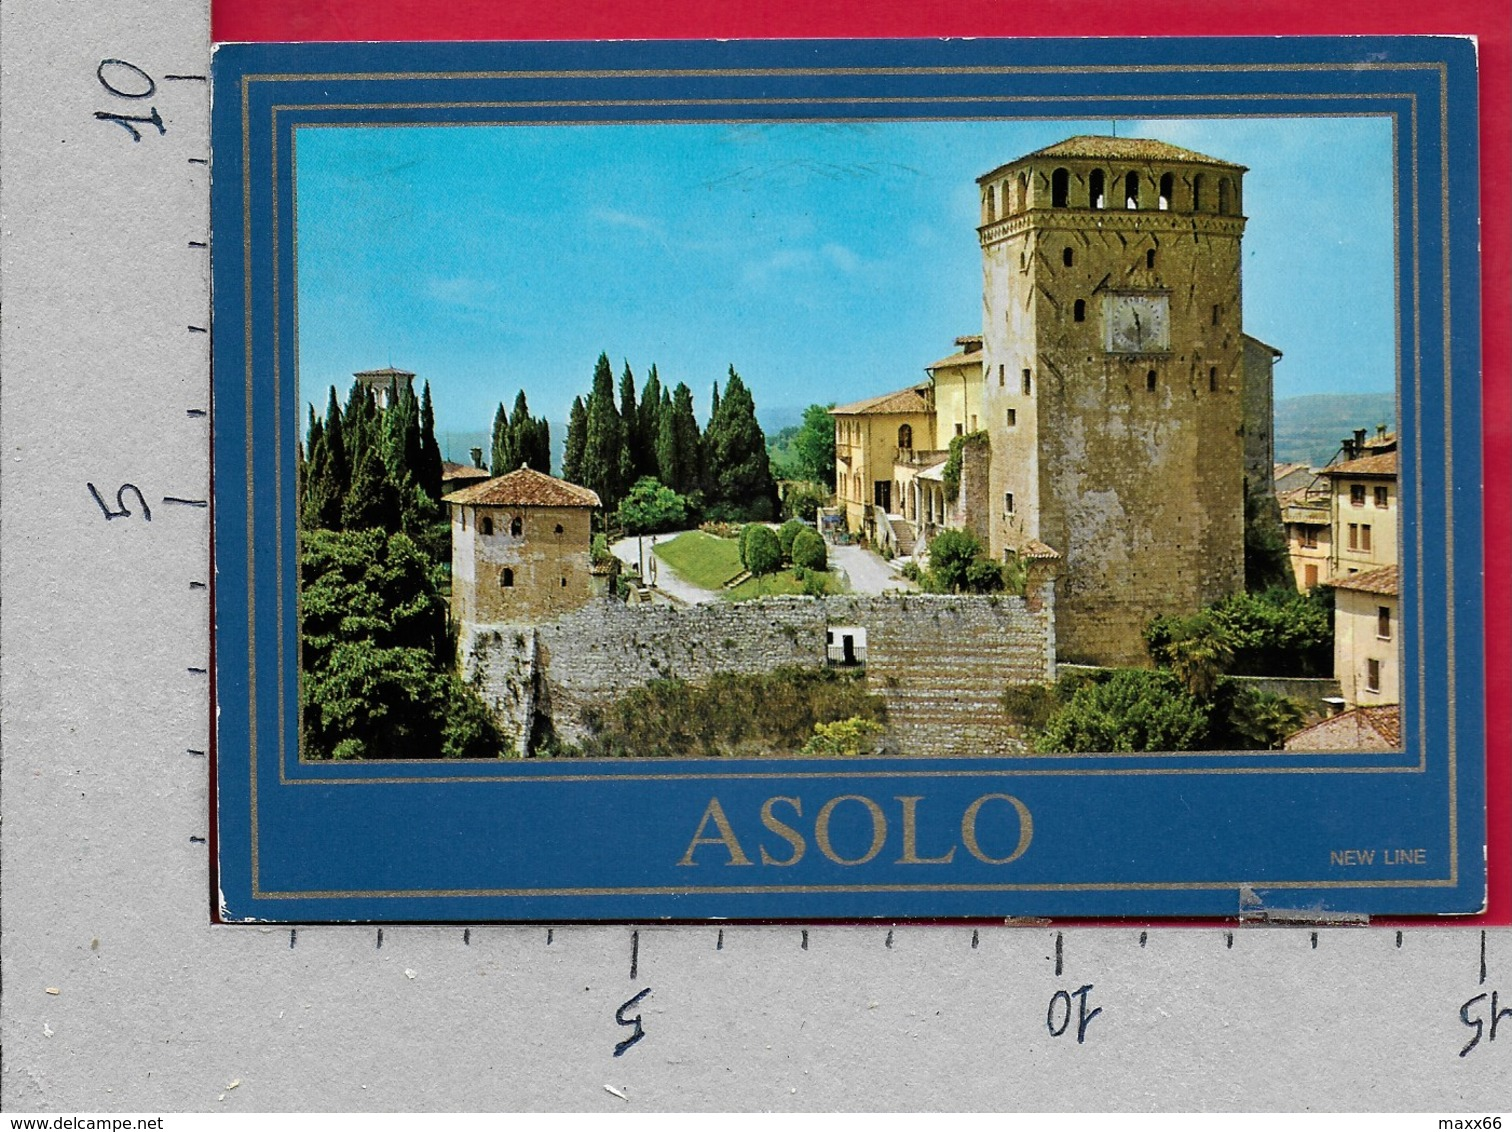 CARTOLINA VG ITALIA - ASOLO (TV) - Il Castello - 10 X 15 - ANN. 1987 - Treviso